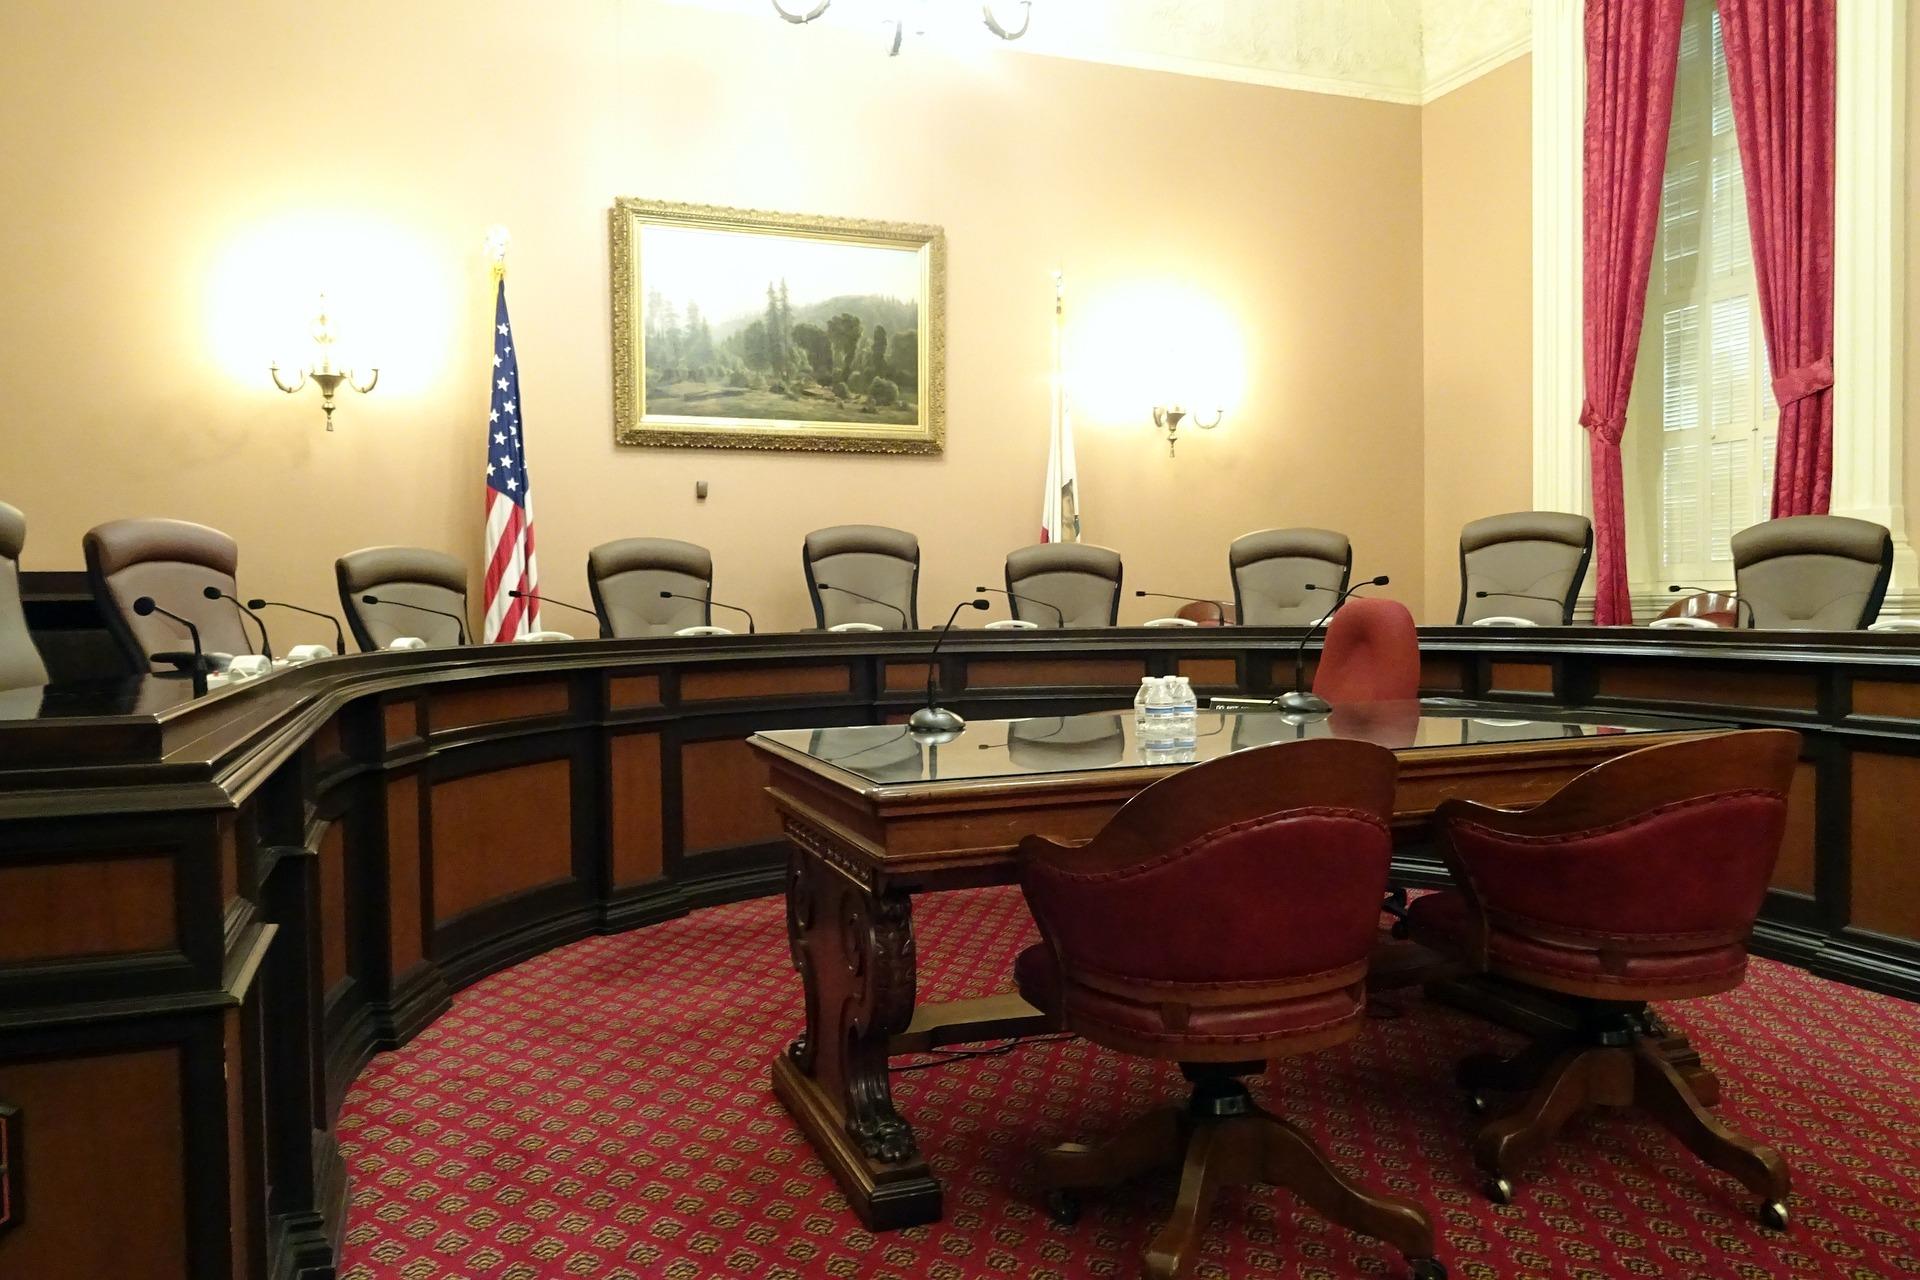 committee-room-1022791_1920.jpg